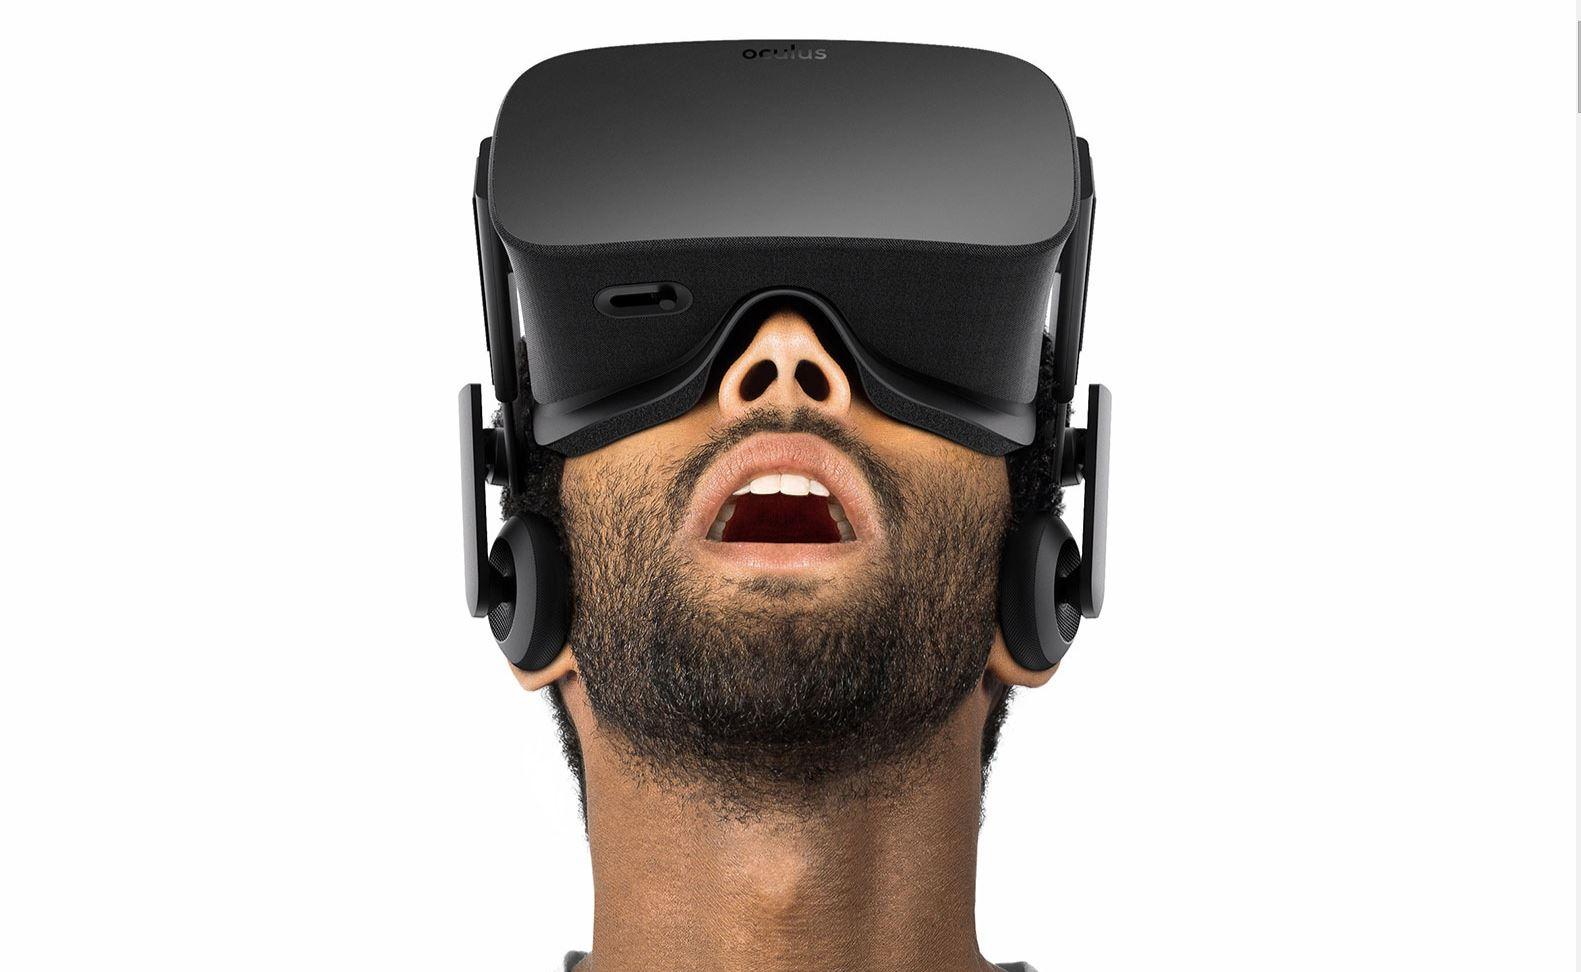 commercial oculus rift